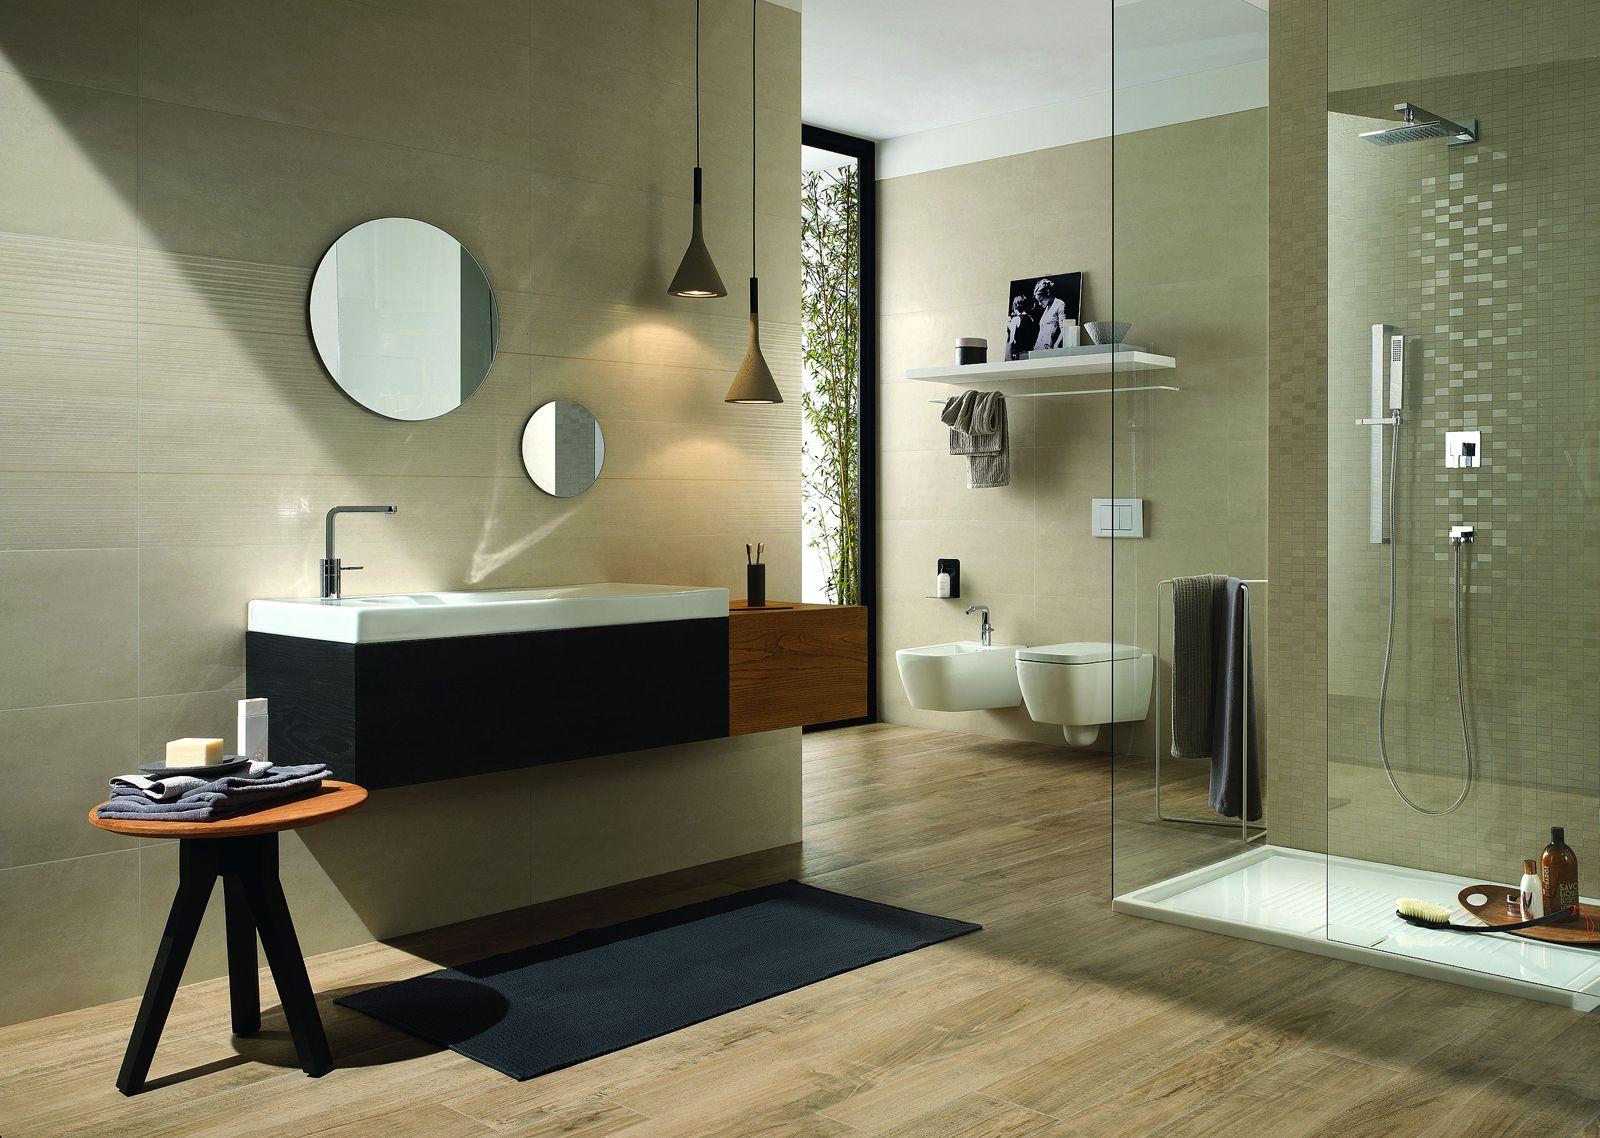 Piastrelle per il bagno tre stili diversi bathroom - Piastrelle bagno altezza 120 ...